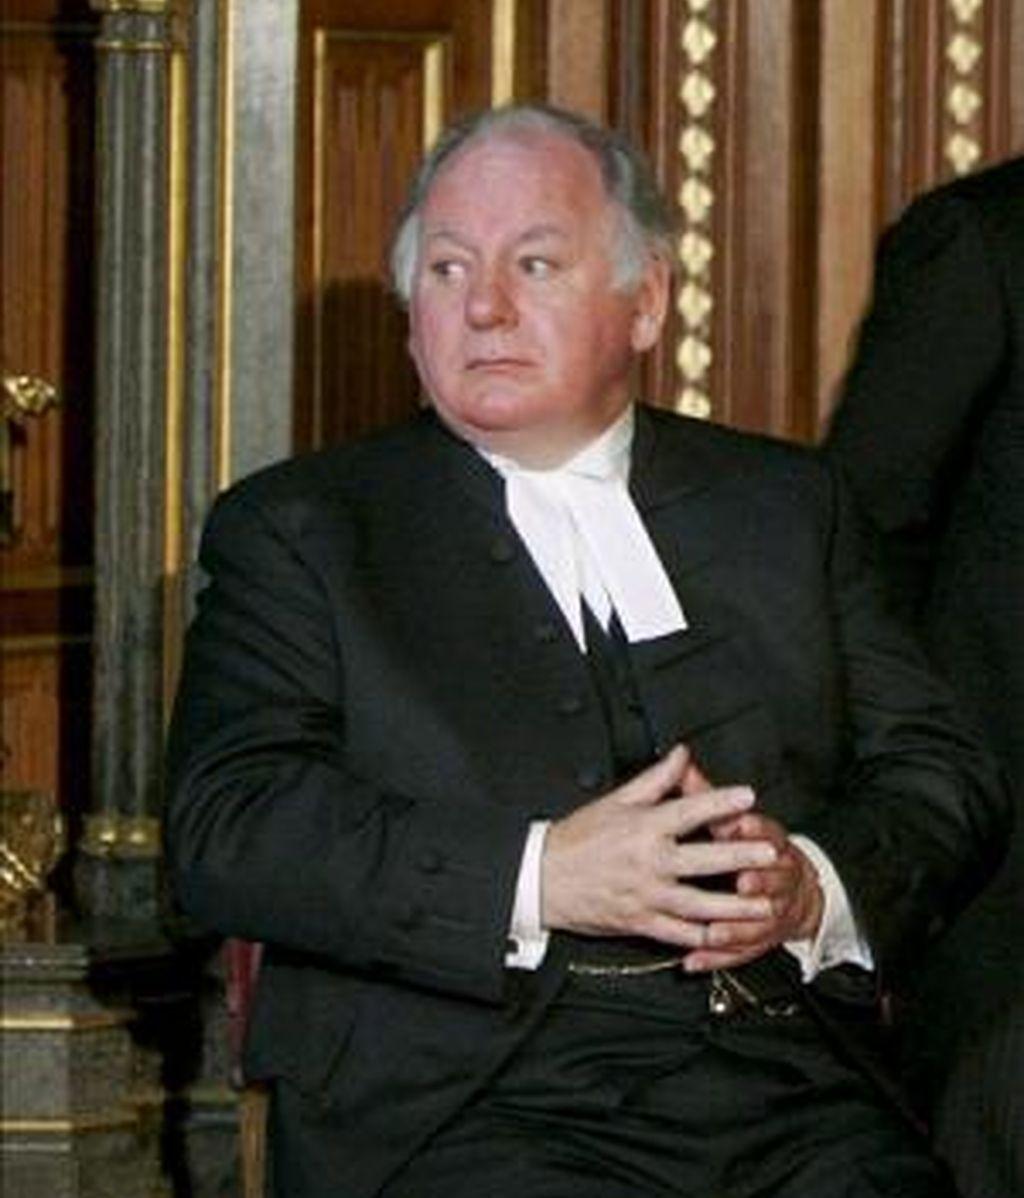 Fotografía de archivo del 9 de noviembre de 2005 que muestra al presidente de la Cámara de los Comunes, Michael Martin. Foto: Archivo.